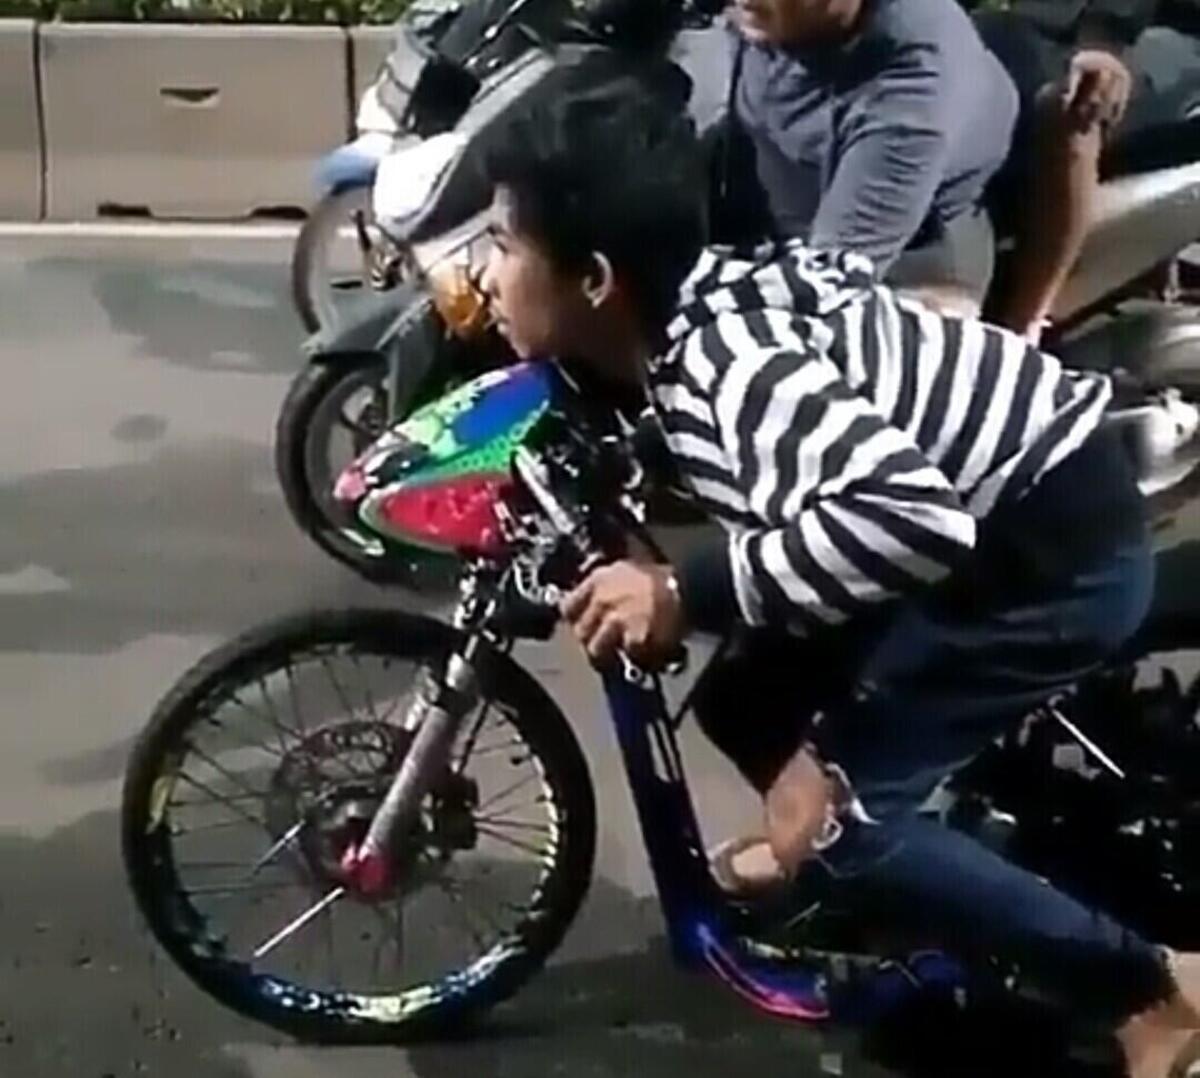 Course de dragster moto sans casque et des tongs au pied [VIDEO VIRALE]